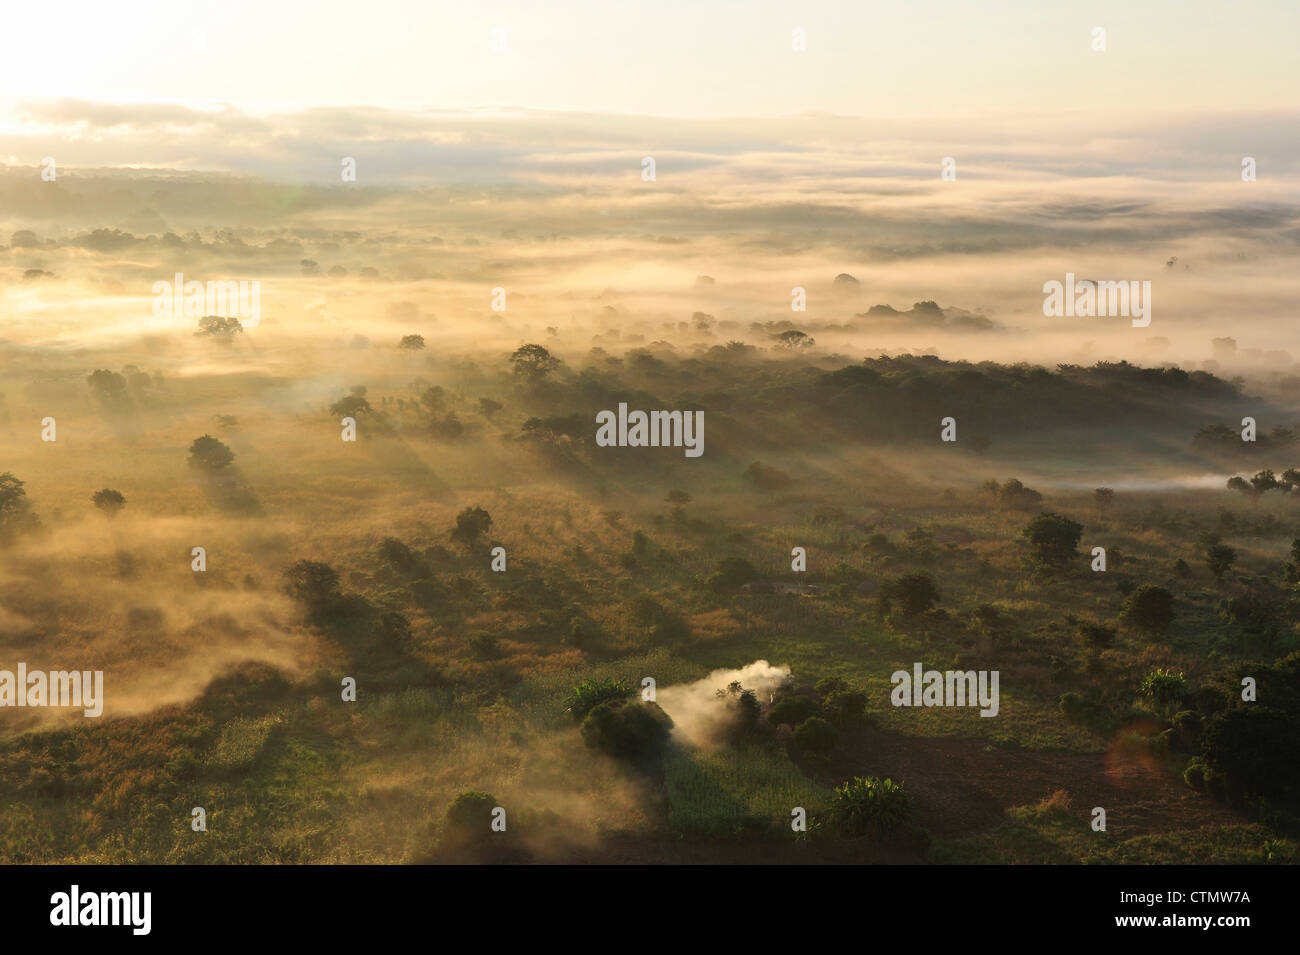 Amanecer sobre pradera salpicada con campos, invadiendo la bruma, Mozambique Central Foto de stock